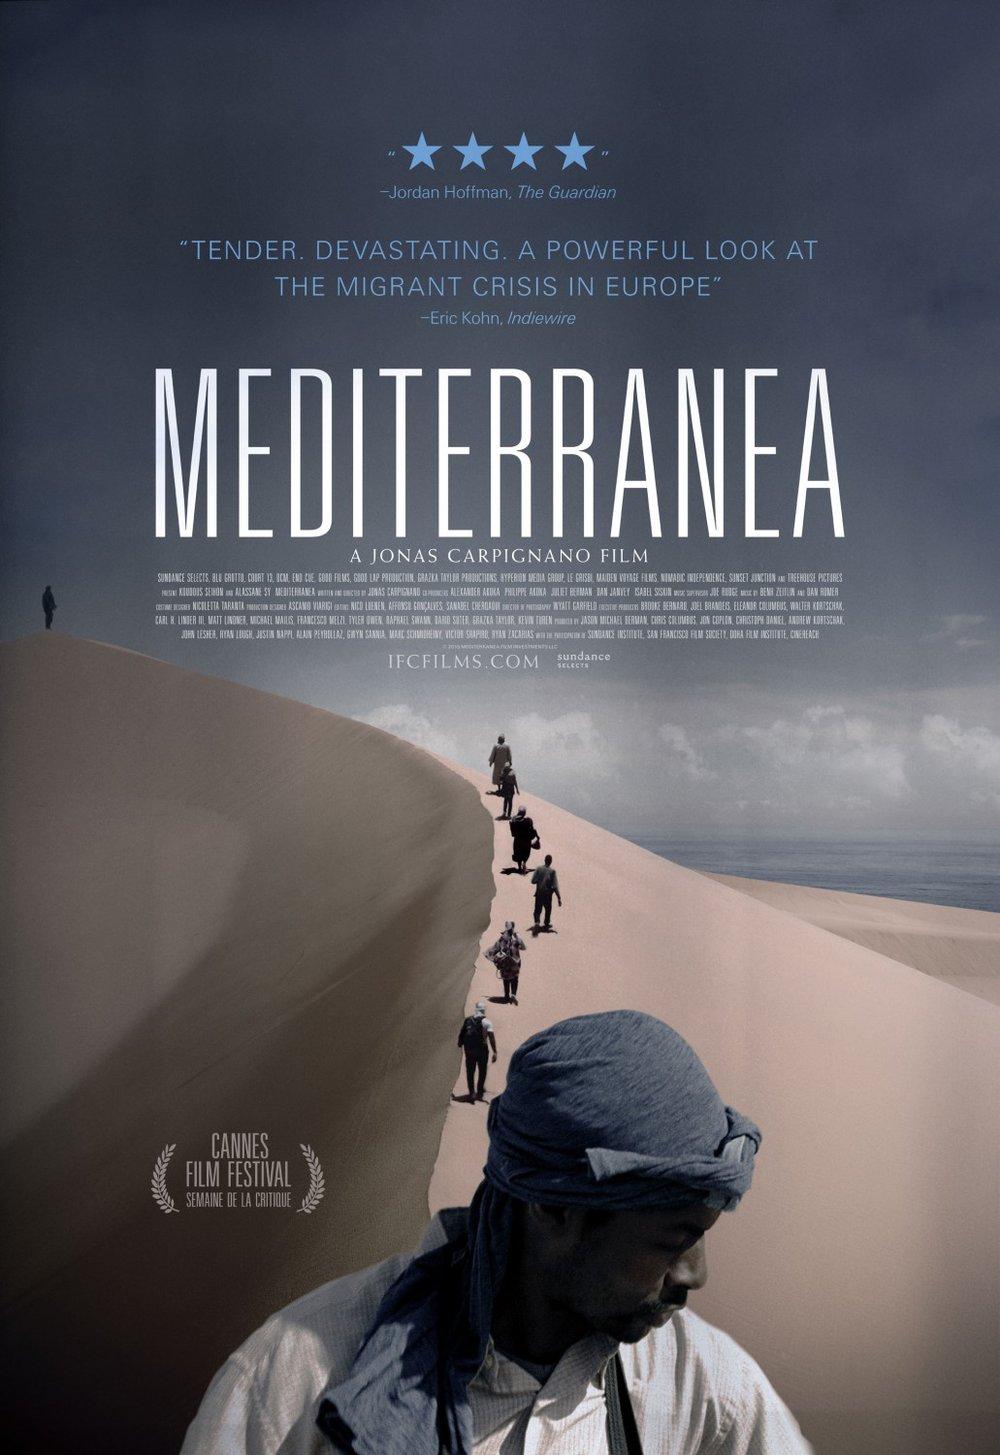 Mediterranea_300dpi_svensk_FINAL.jpg